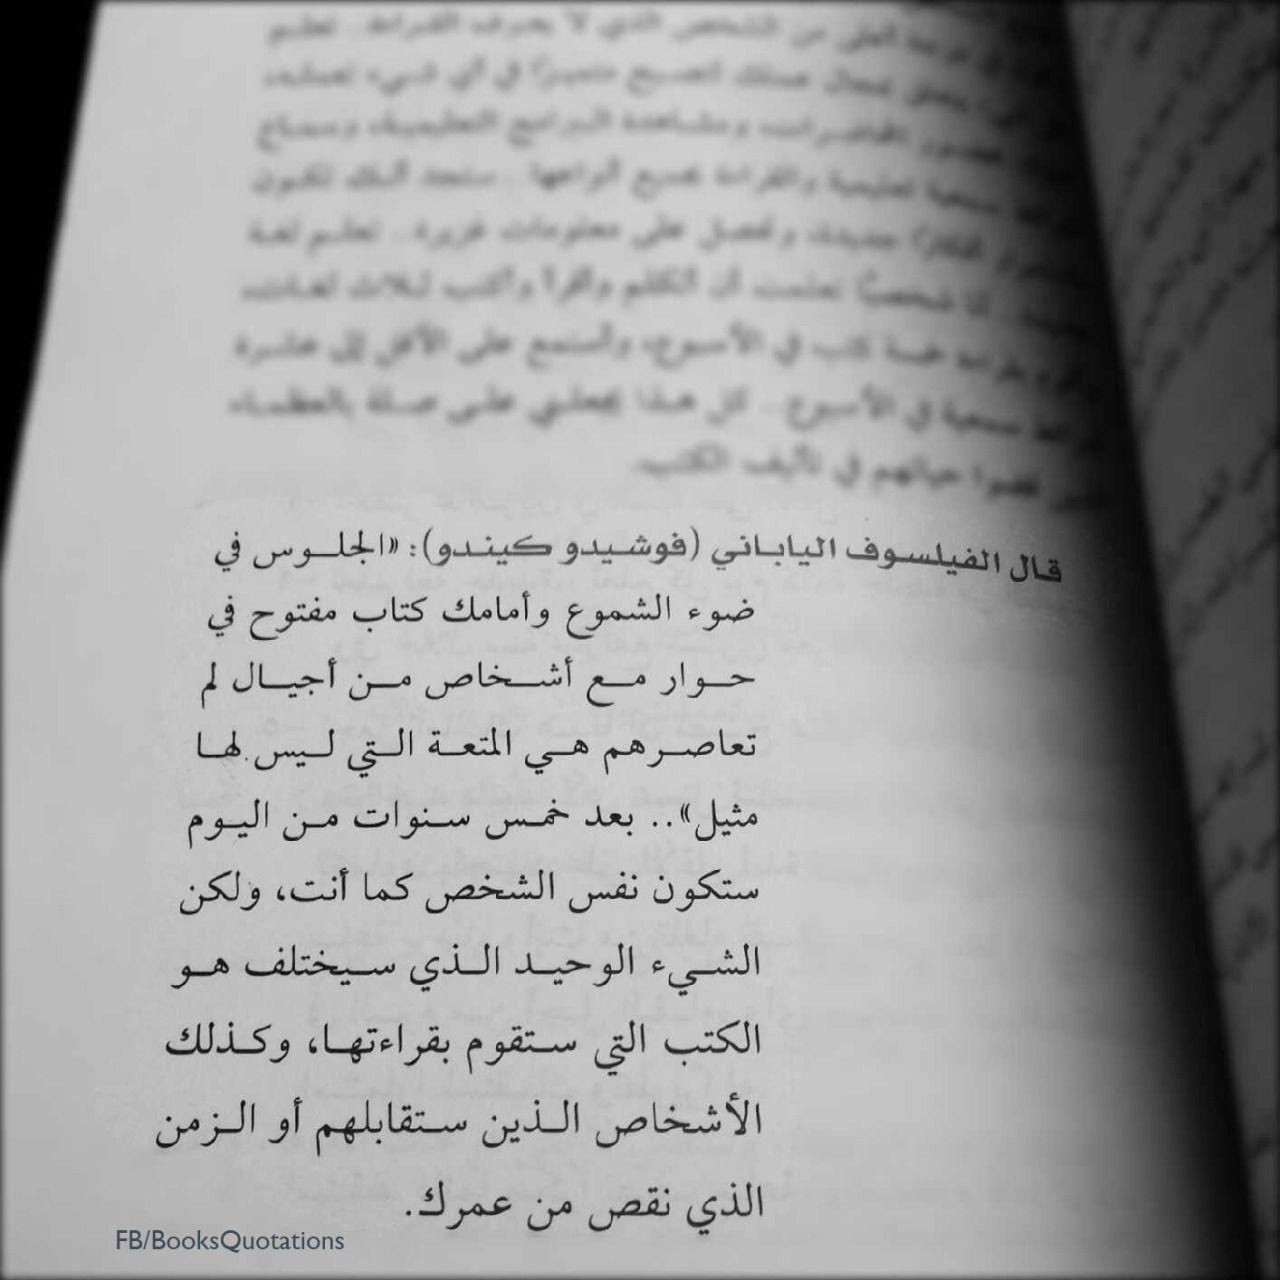 اقتباسات كتب المفاتيح العشرة للنجاح ابراهيم الفقي Nana Quotes Words Quotes